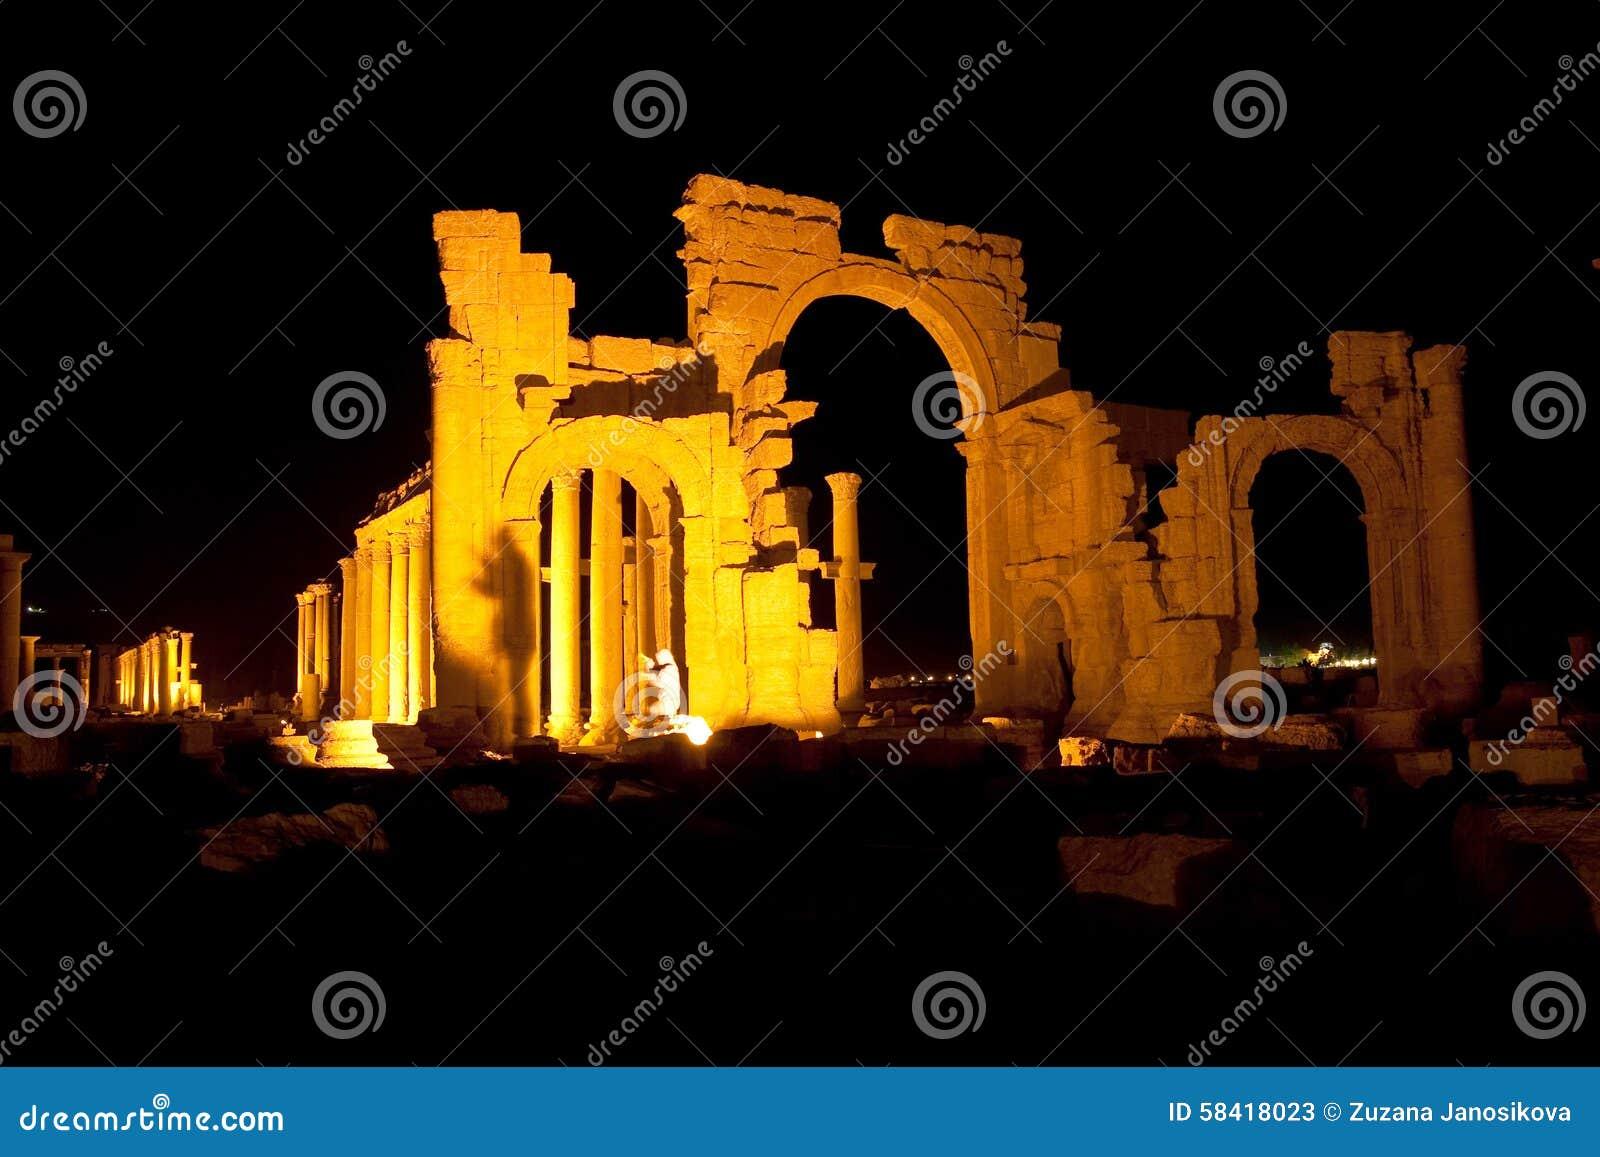 扇叶树头榈-叙利亚古城废墟